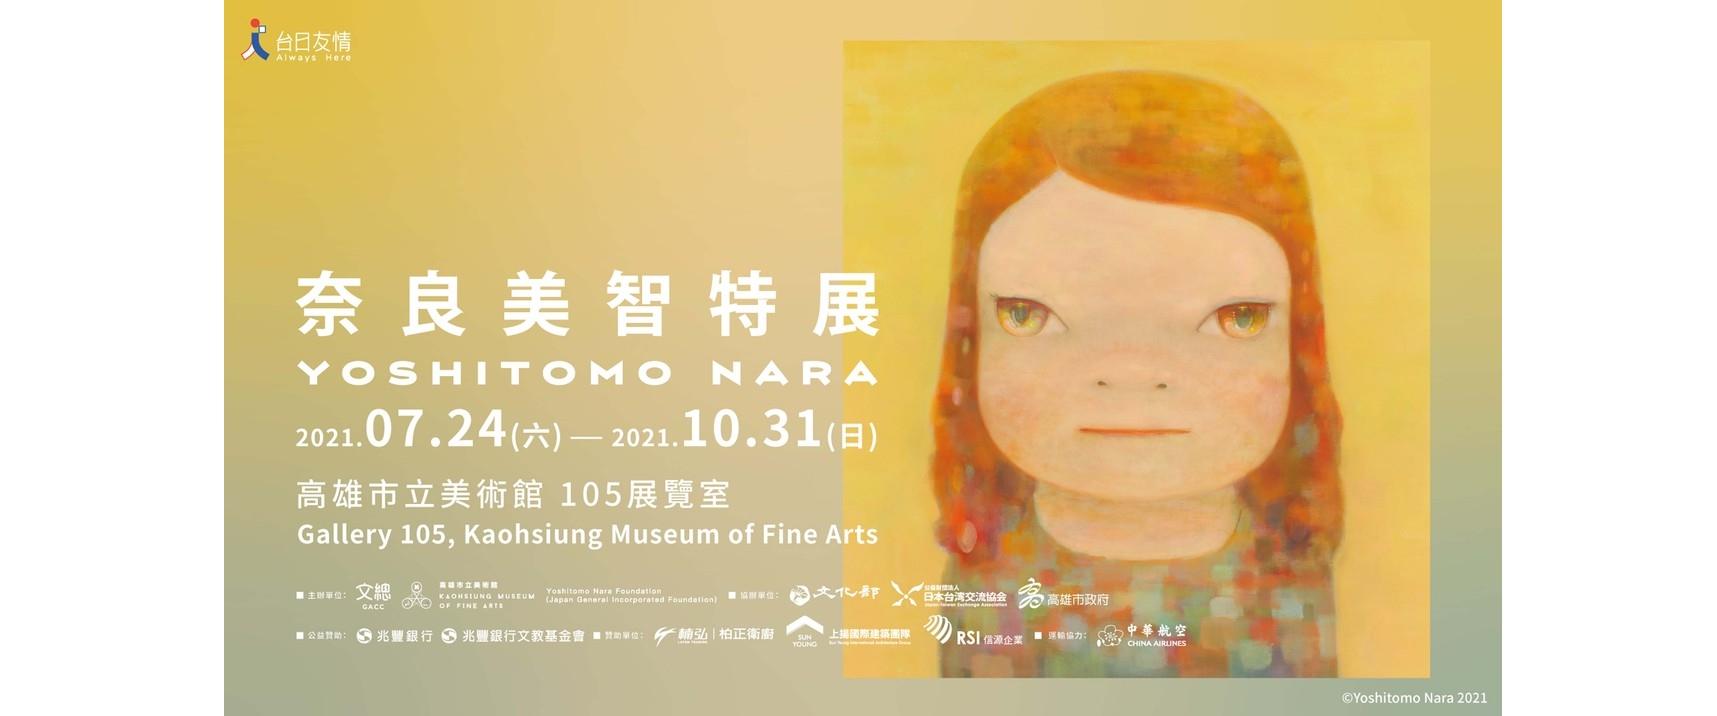 奈良美智さんの個展、2カ所目の高雄で24日から 26点を追加展示opennewwindow